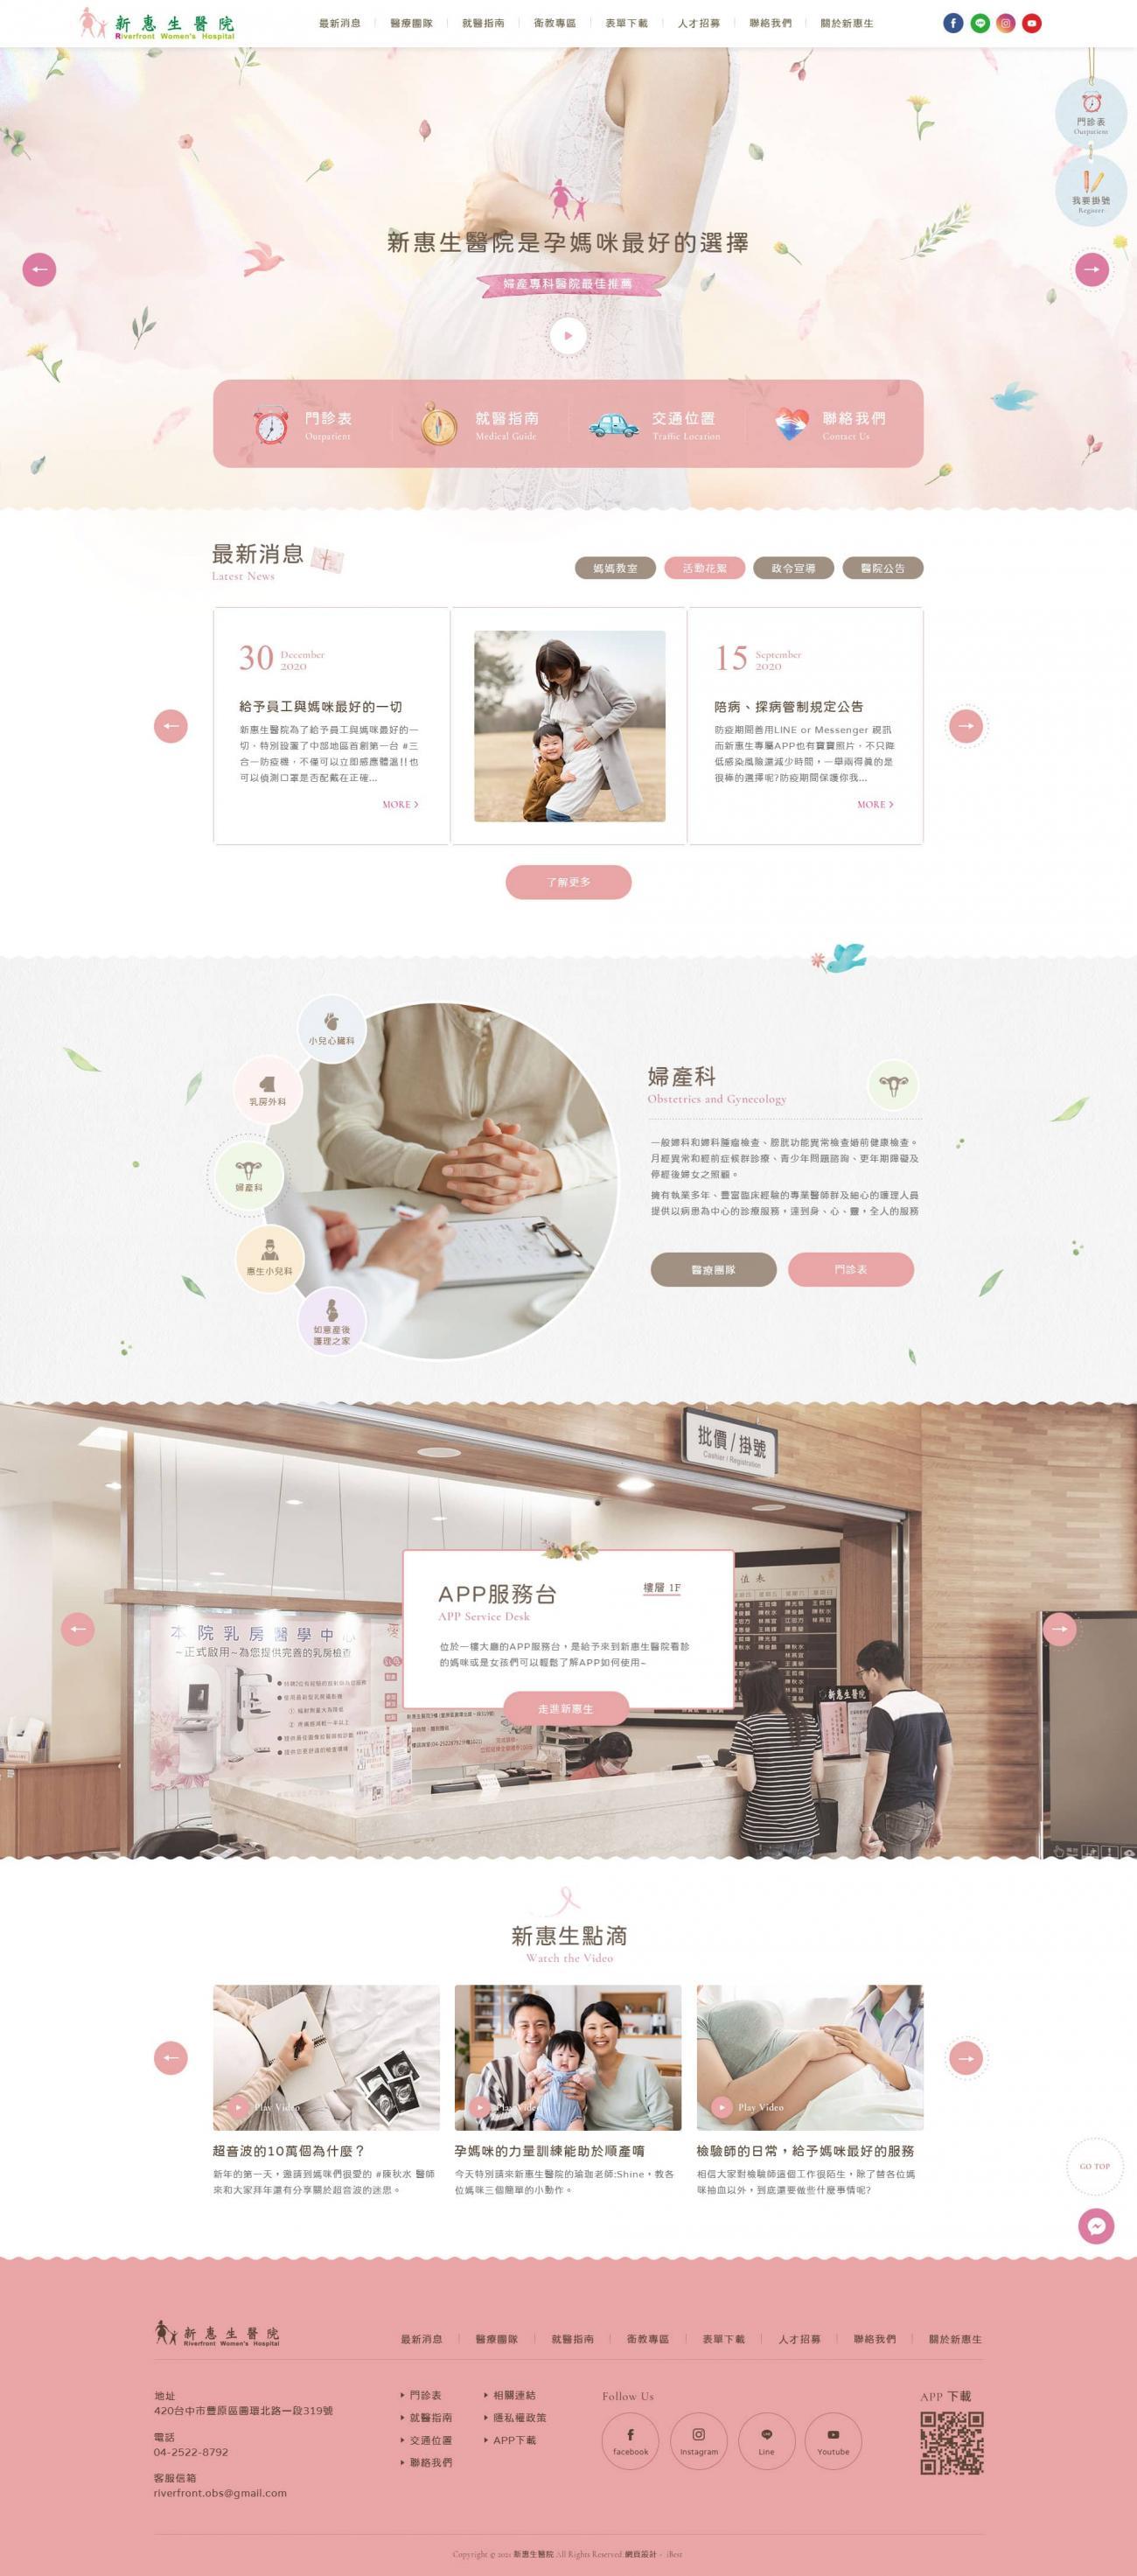 新惠生醫院-網頁設計